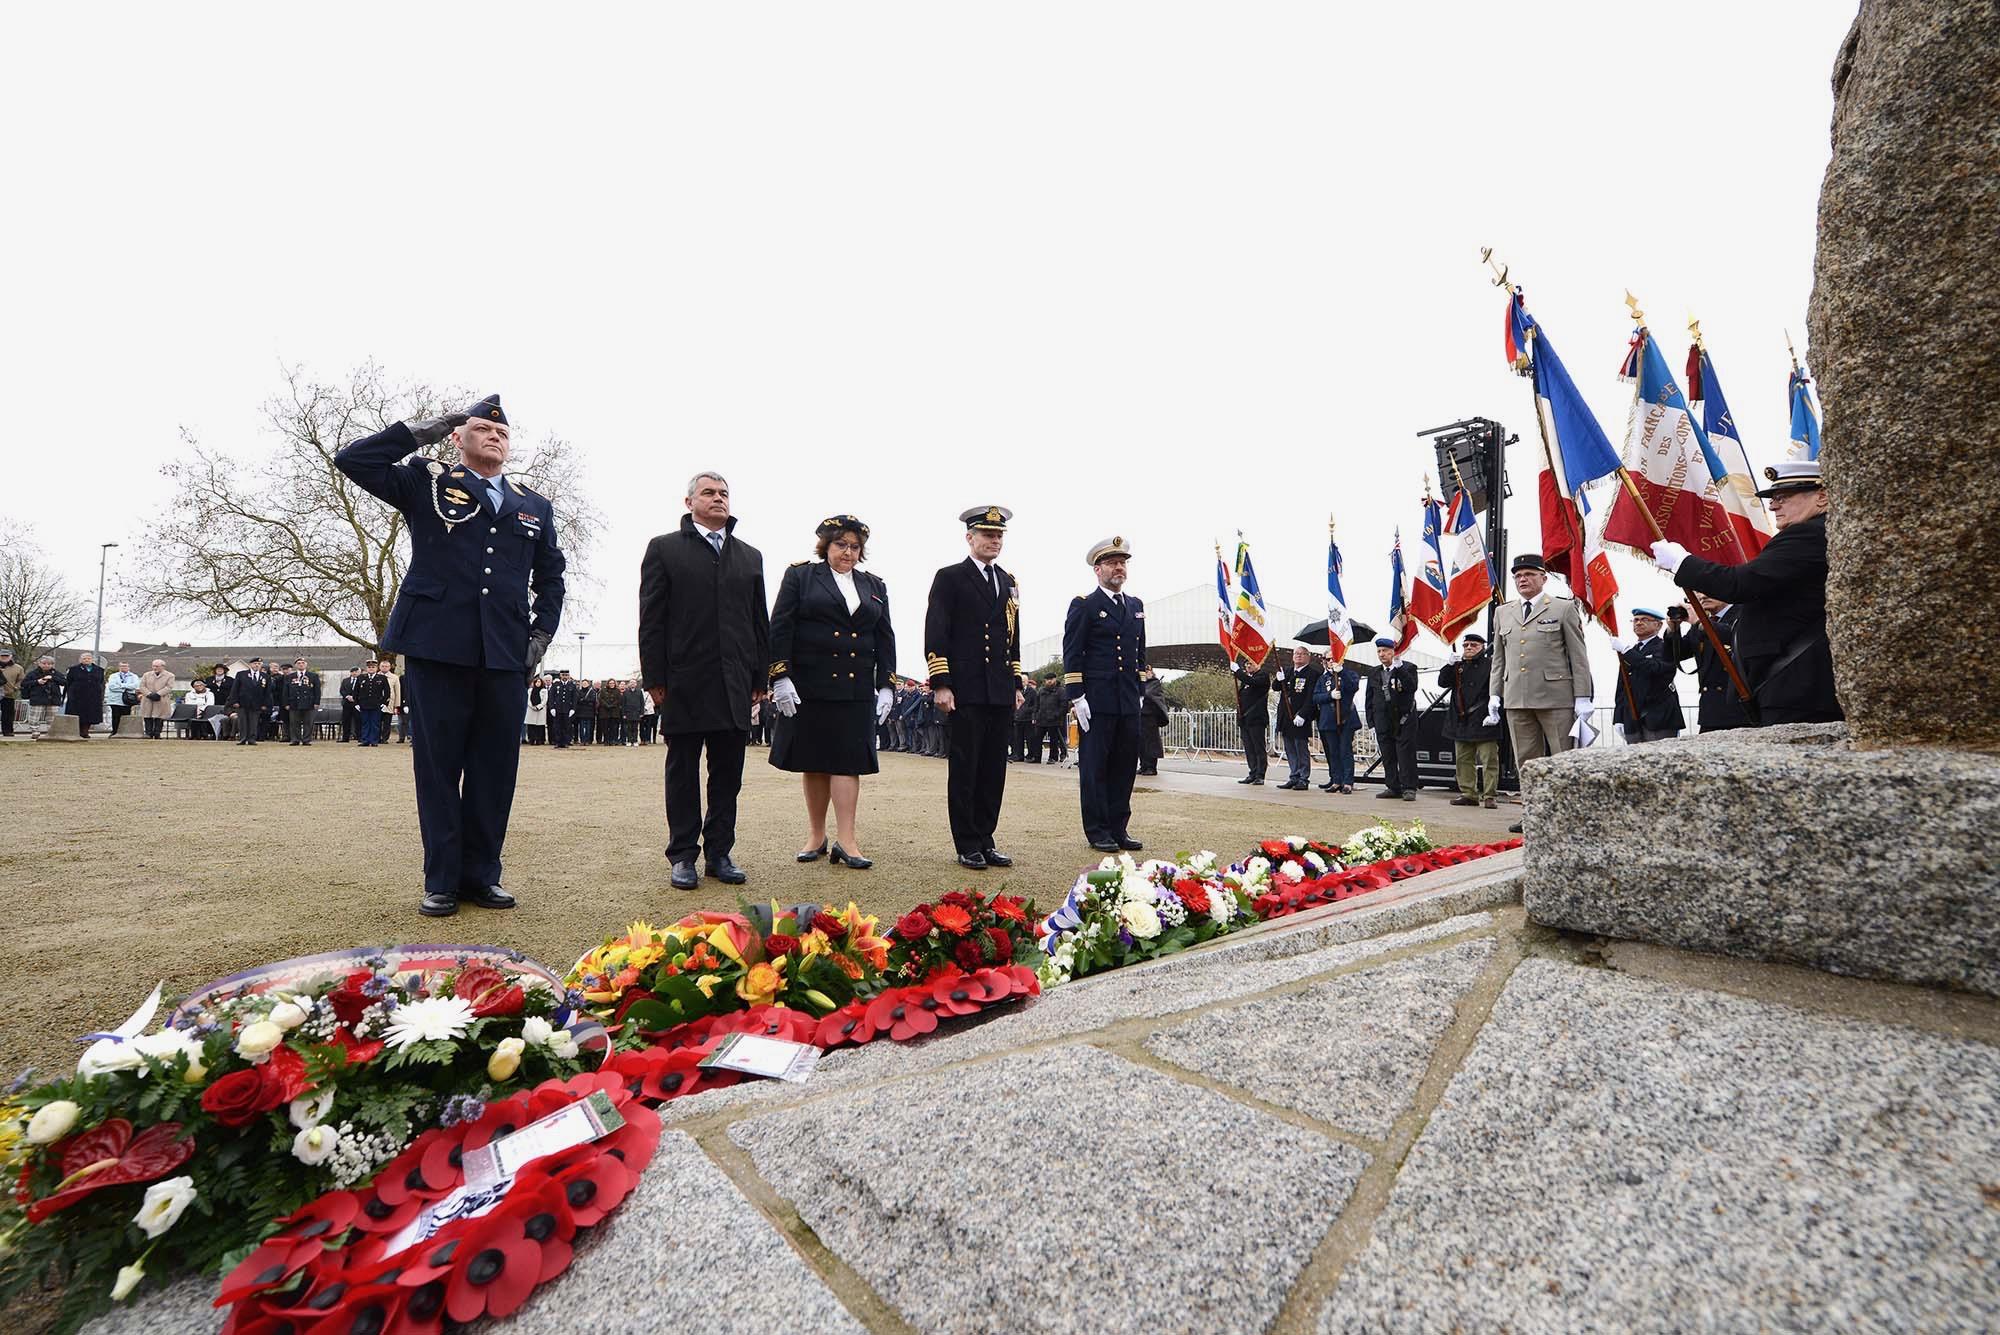 76e anniversaire de l'Opération Chariot.